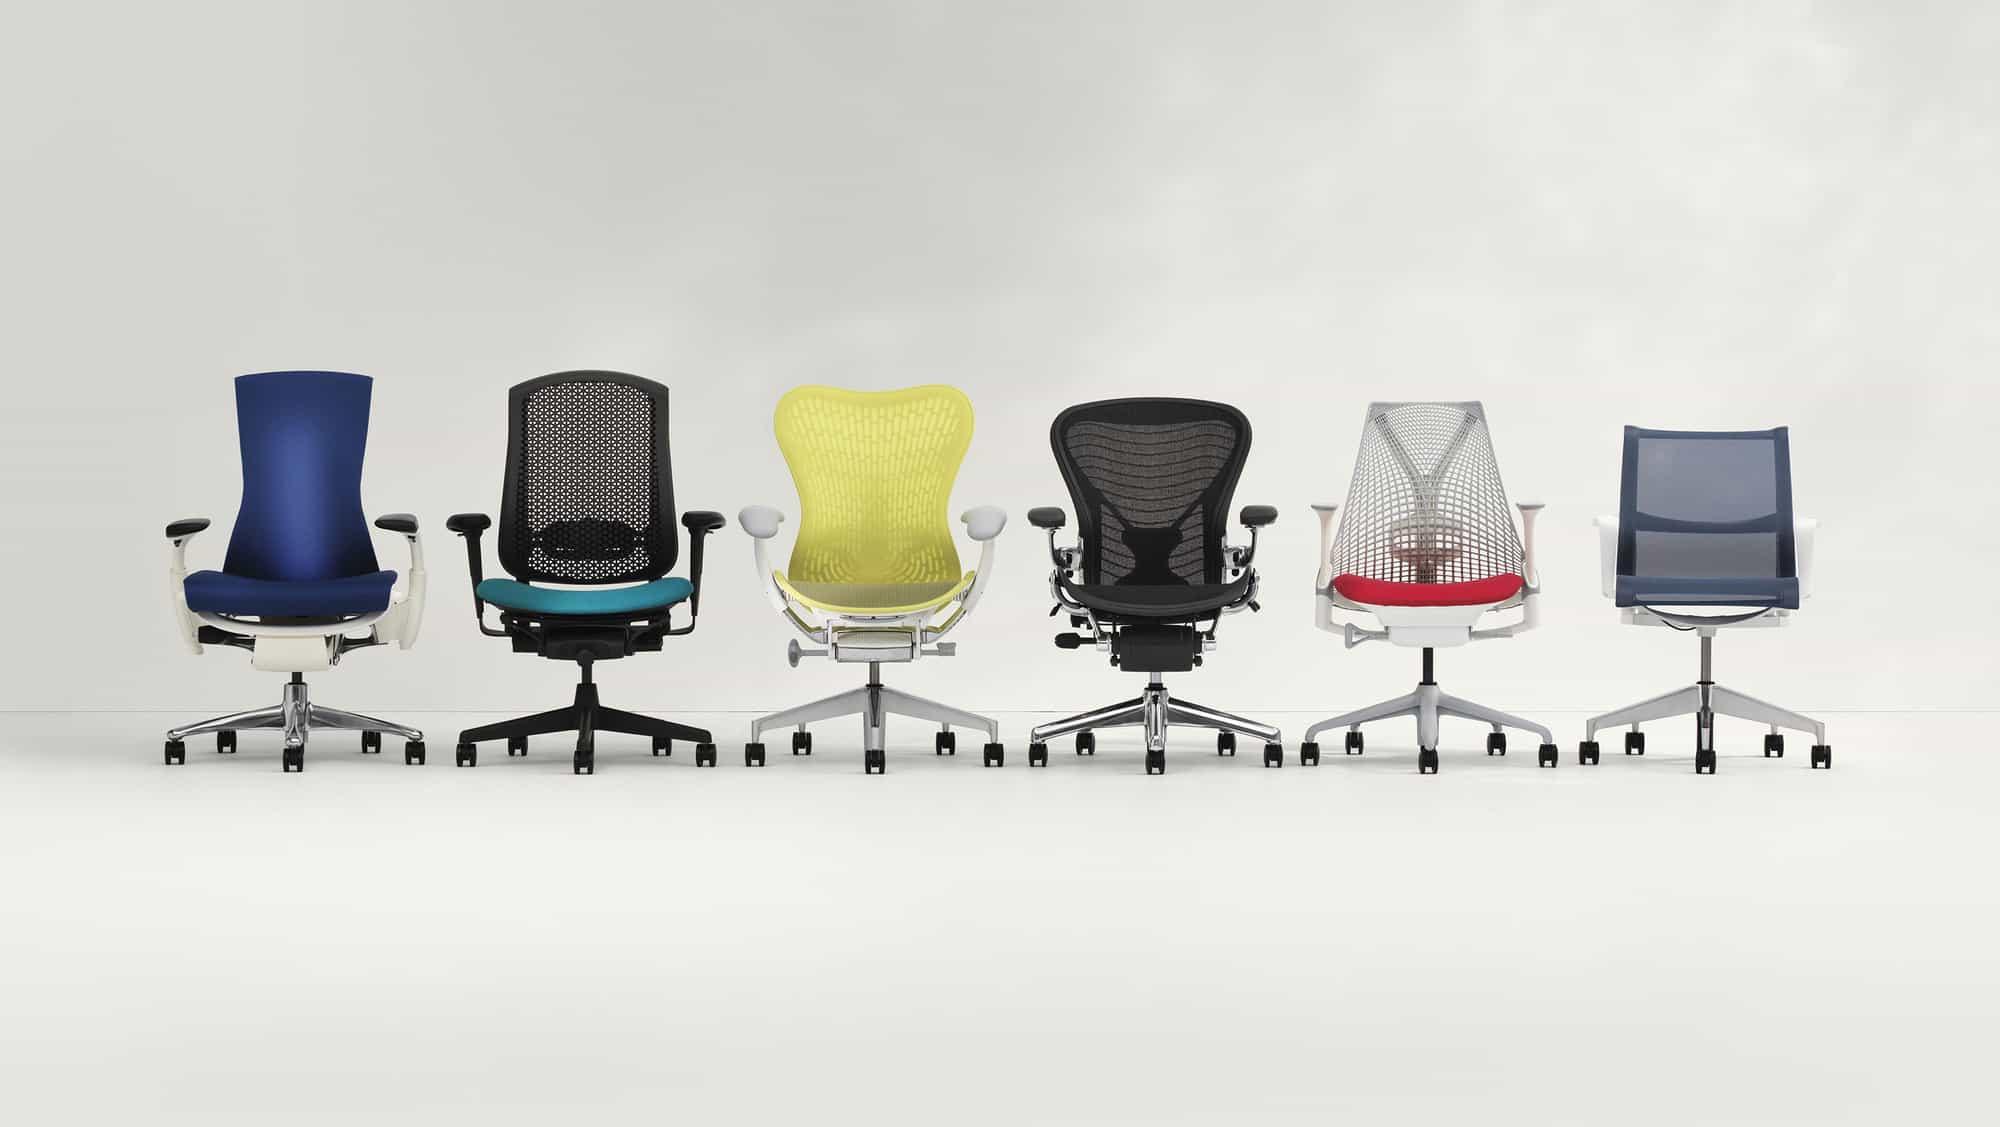 Cadeira Ergonómica - Uma solução universal